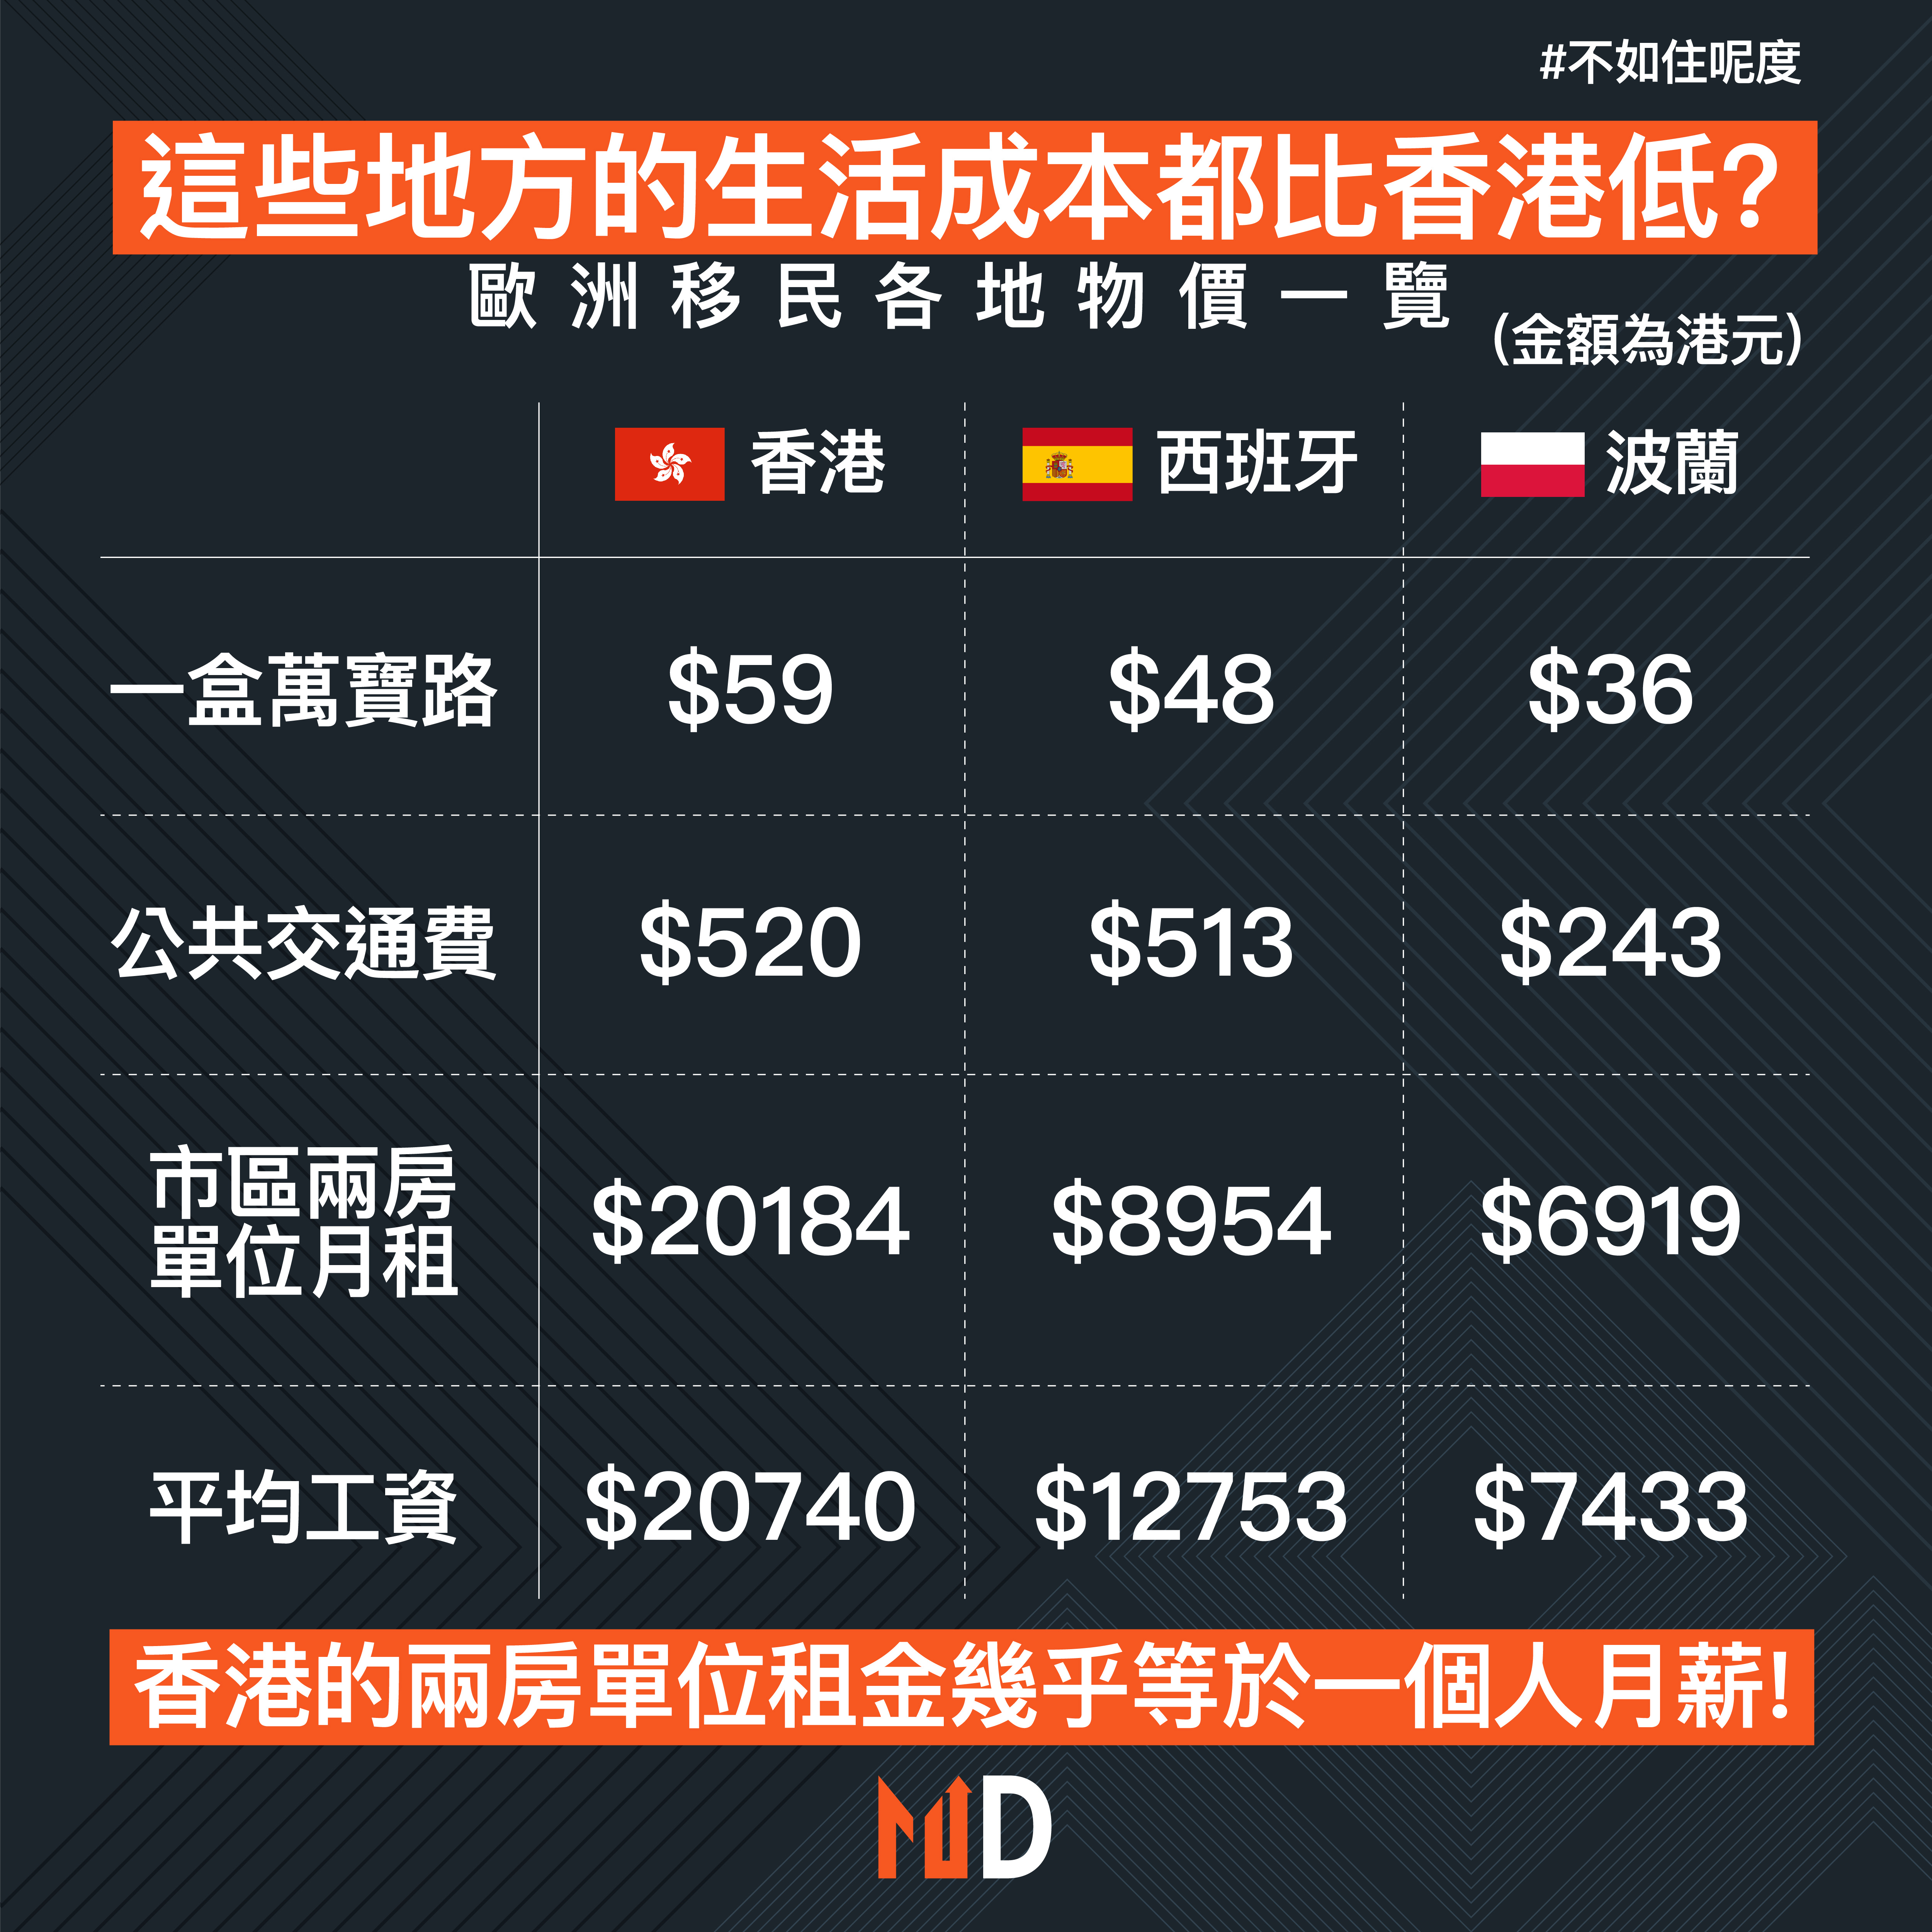 【不如住呢度】這些地方的生活成本都比香港低?歐洲移民各地物價一覽